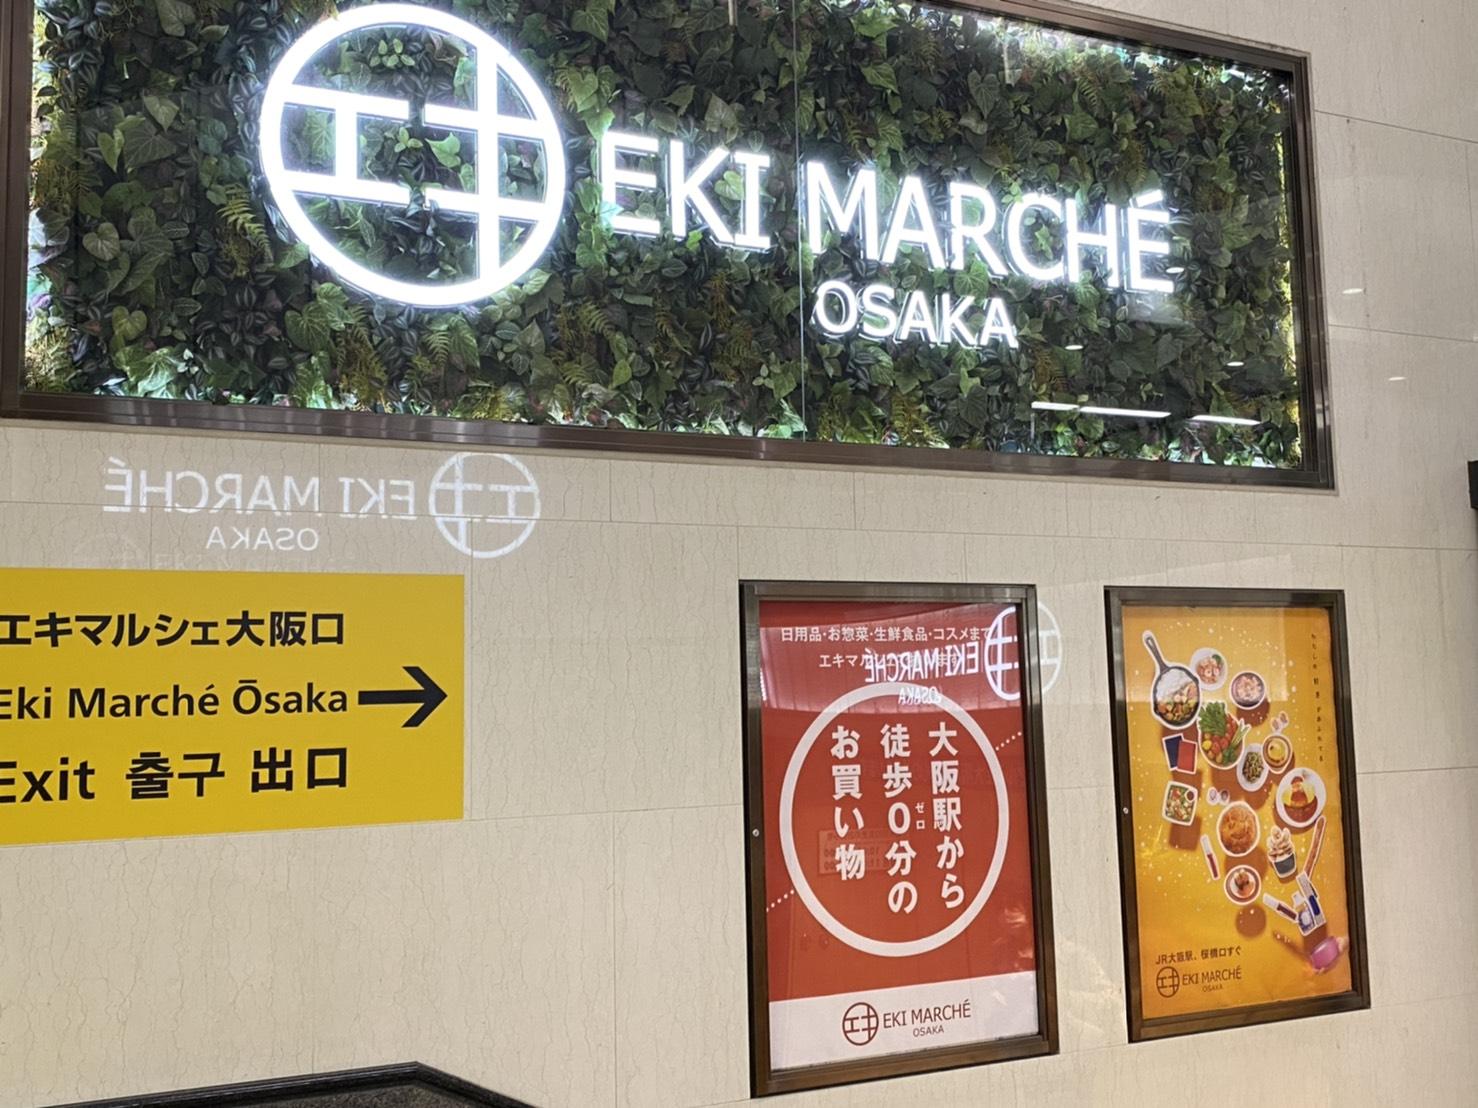 EKI MARCHE制作実績